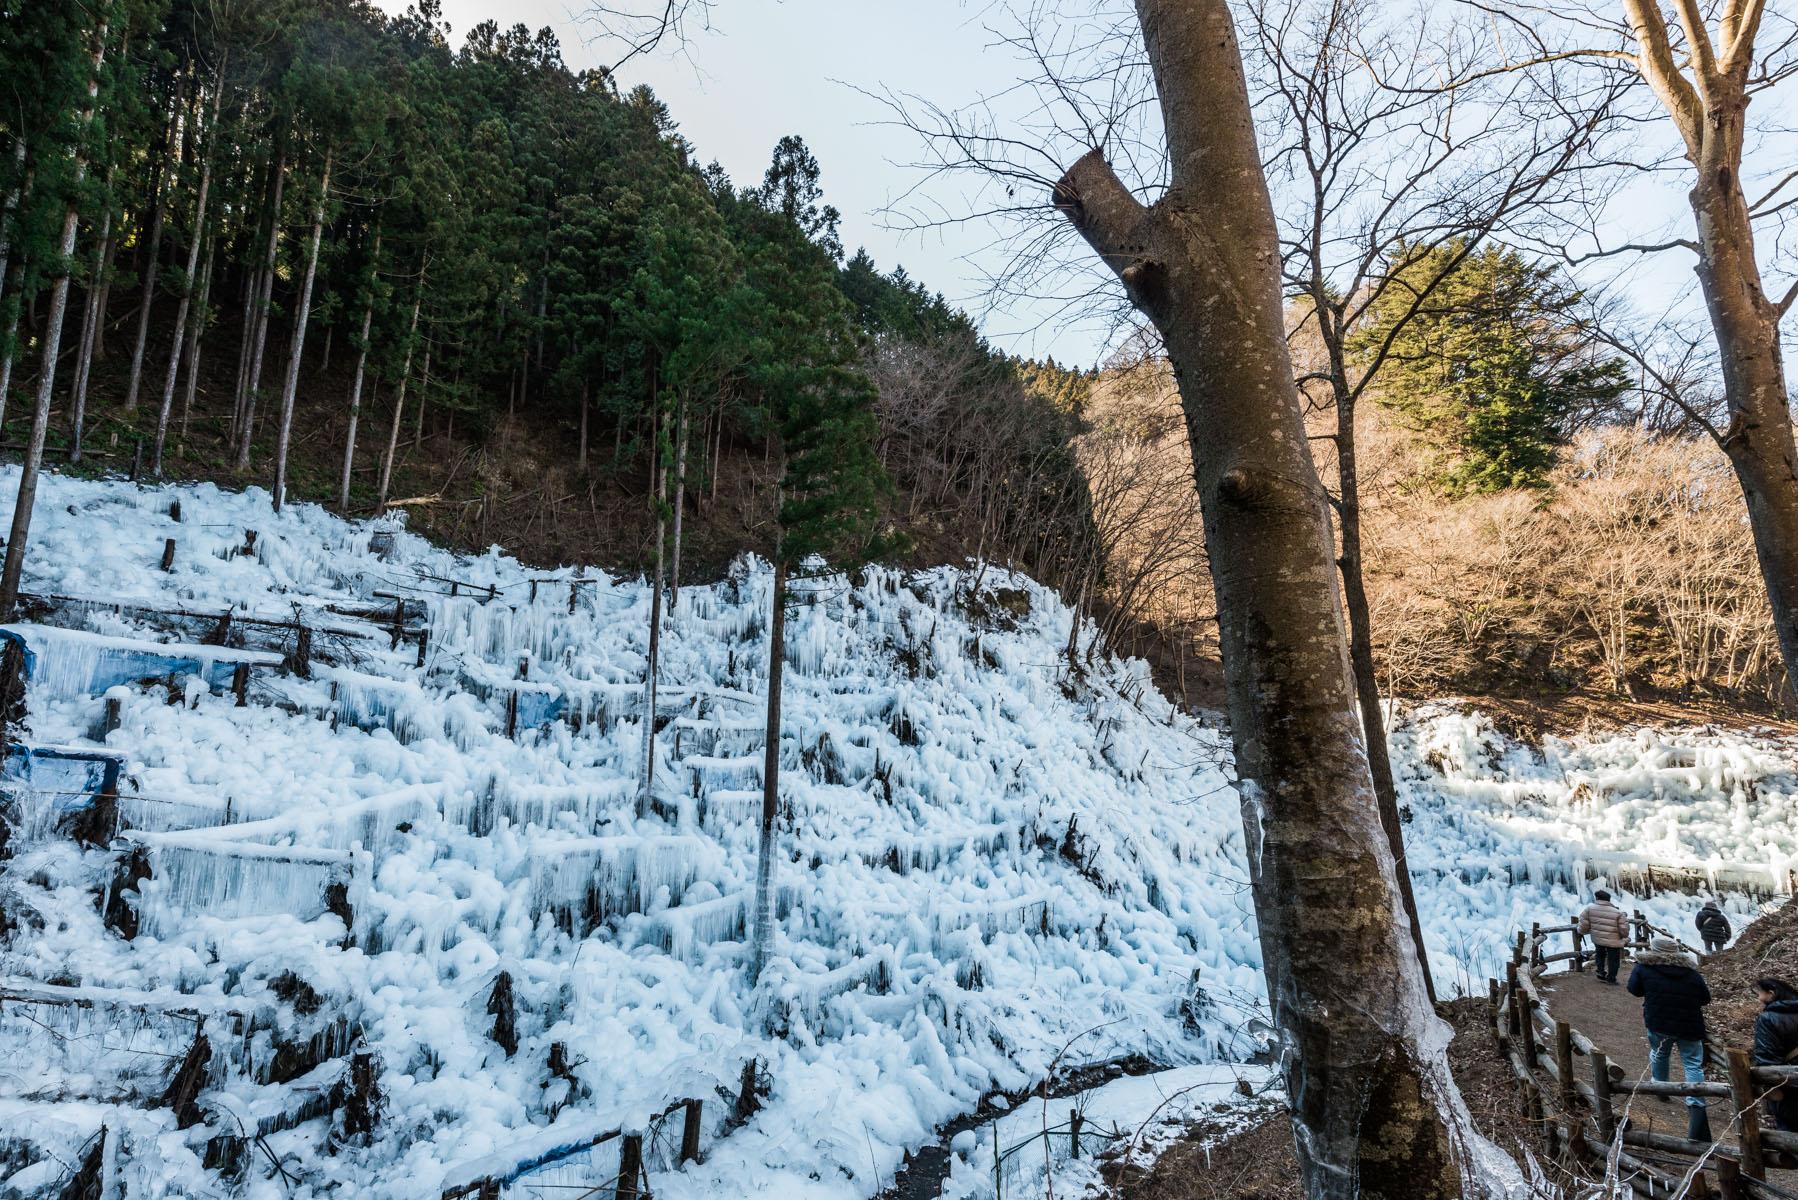 あしがくぼの氷柱 西武秩父線 芦ヶ久保駅付近